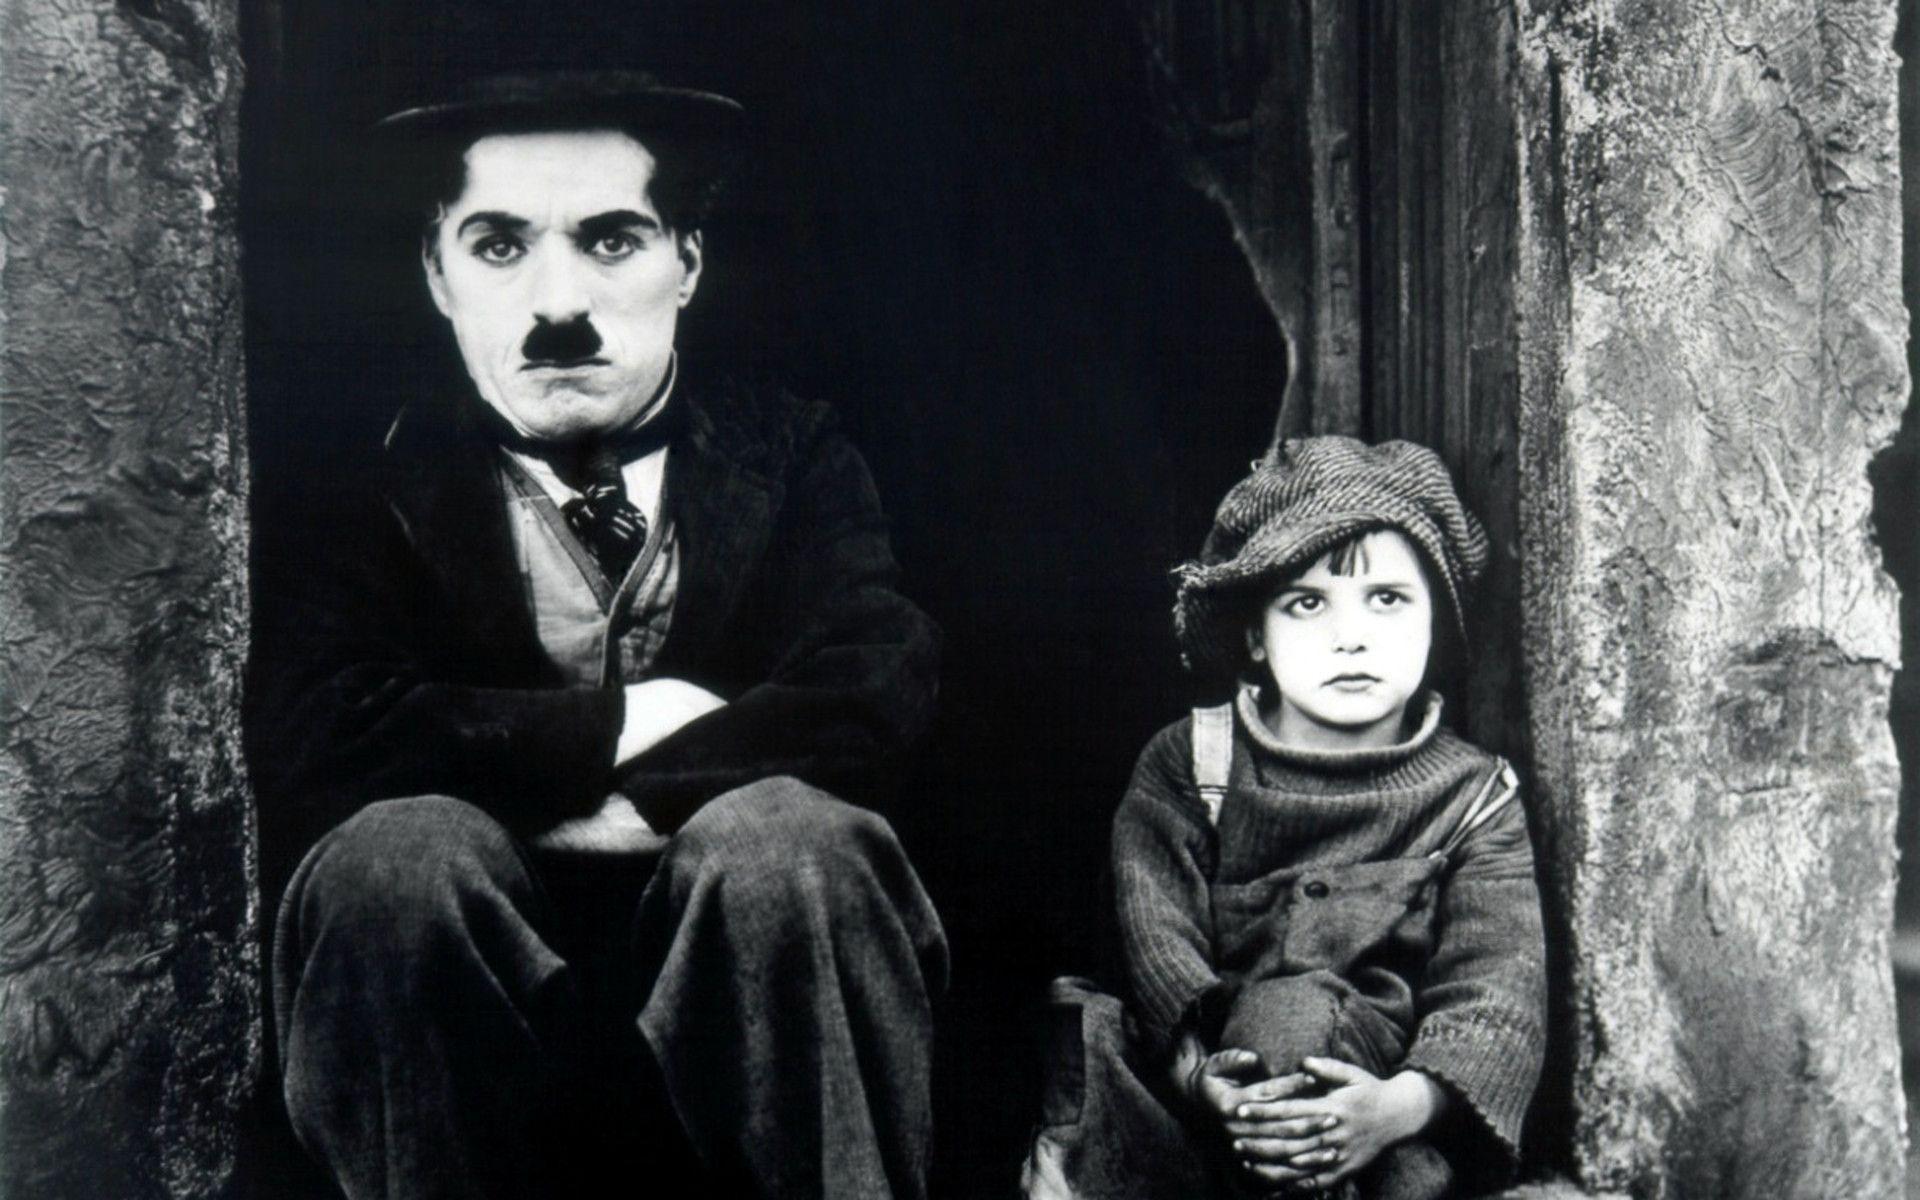 به عنوان ادای احترامی به میراث چارلی چاپلین، در ادامه این مطلب شما را با 10 واقعیت در مورد ستاره جذاب سینمای کمدی کلاسیک آشنا خواهیم کرد.